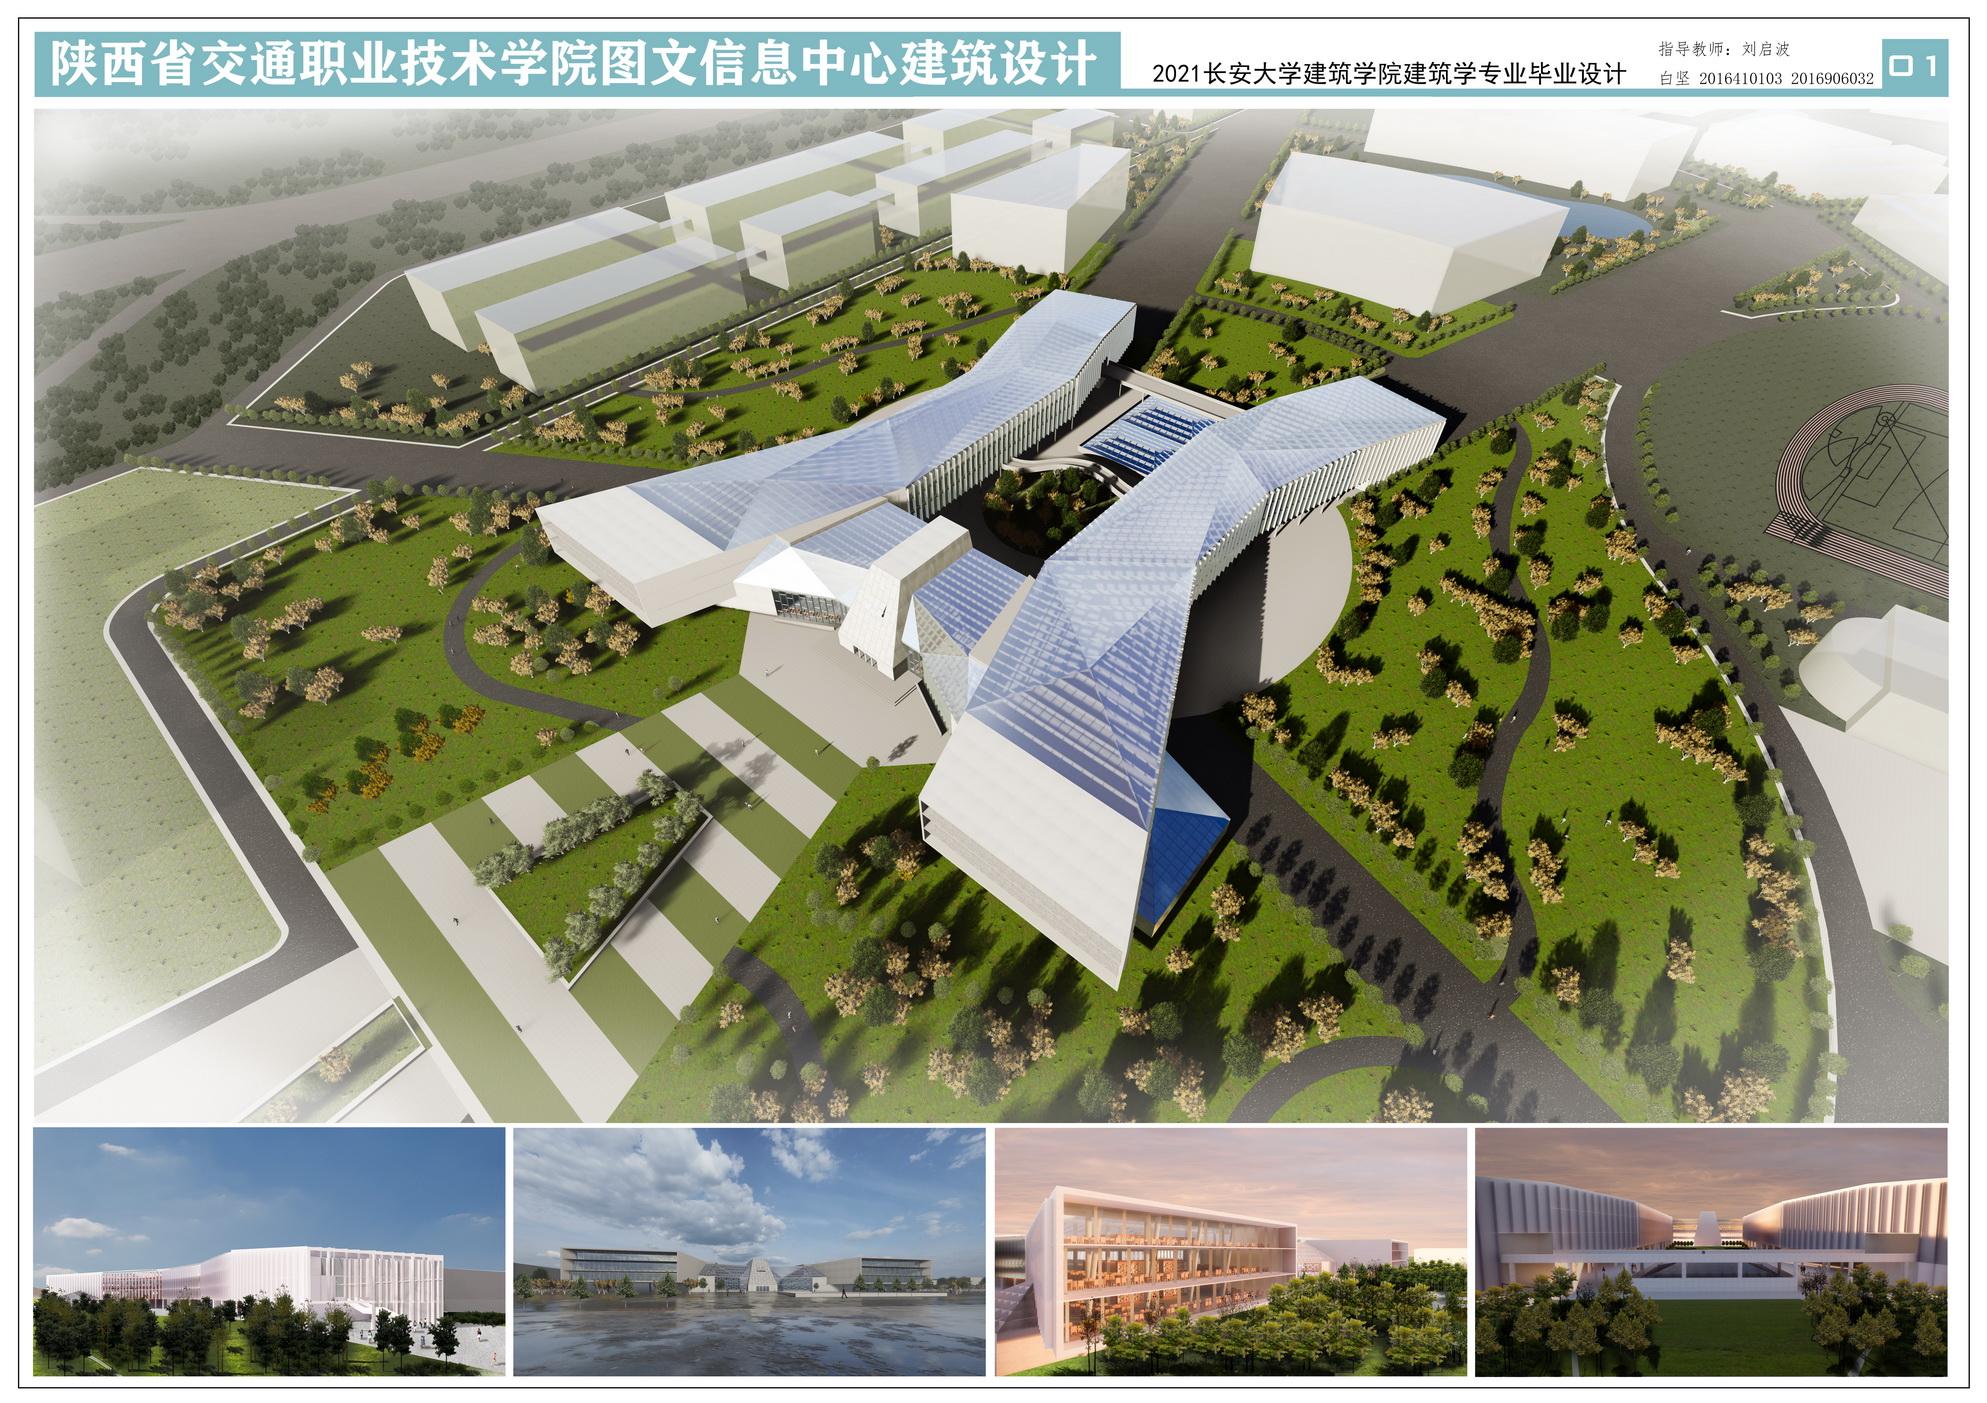 长安大学建筑学院2021毕业设计系列展 004